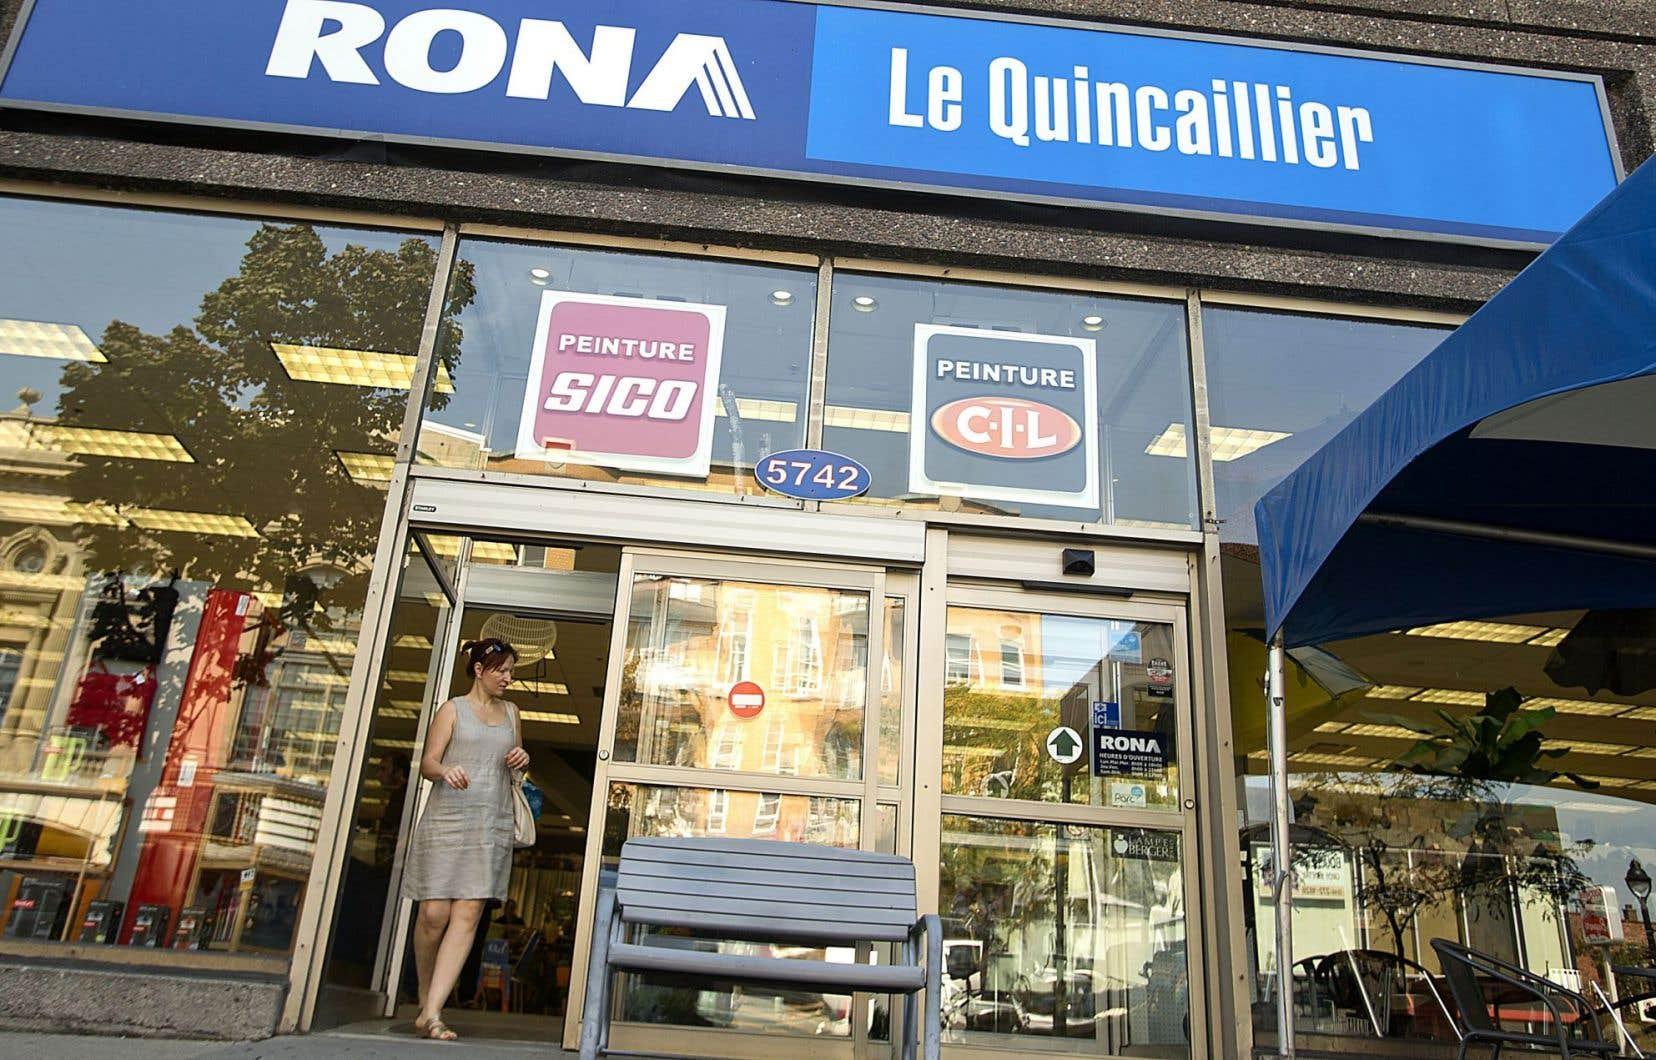 Trois autres quincailleries se disent prêtes à accueillir les marchands indépendants Rona.